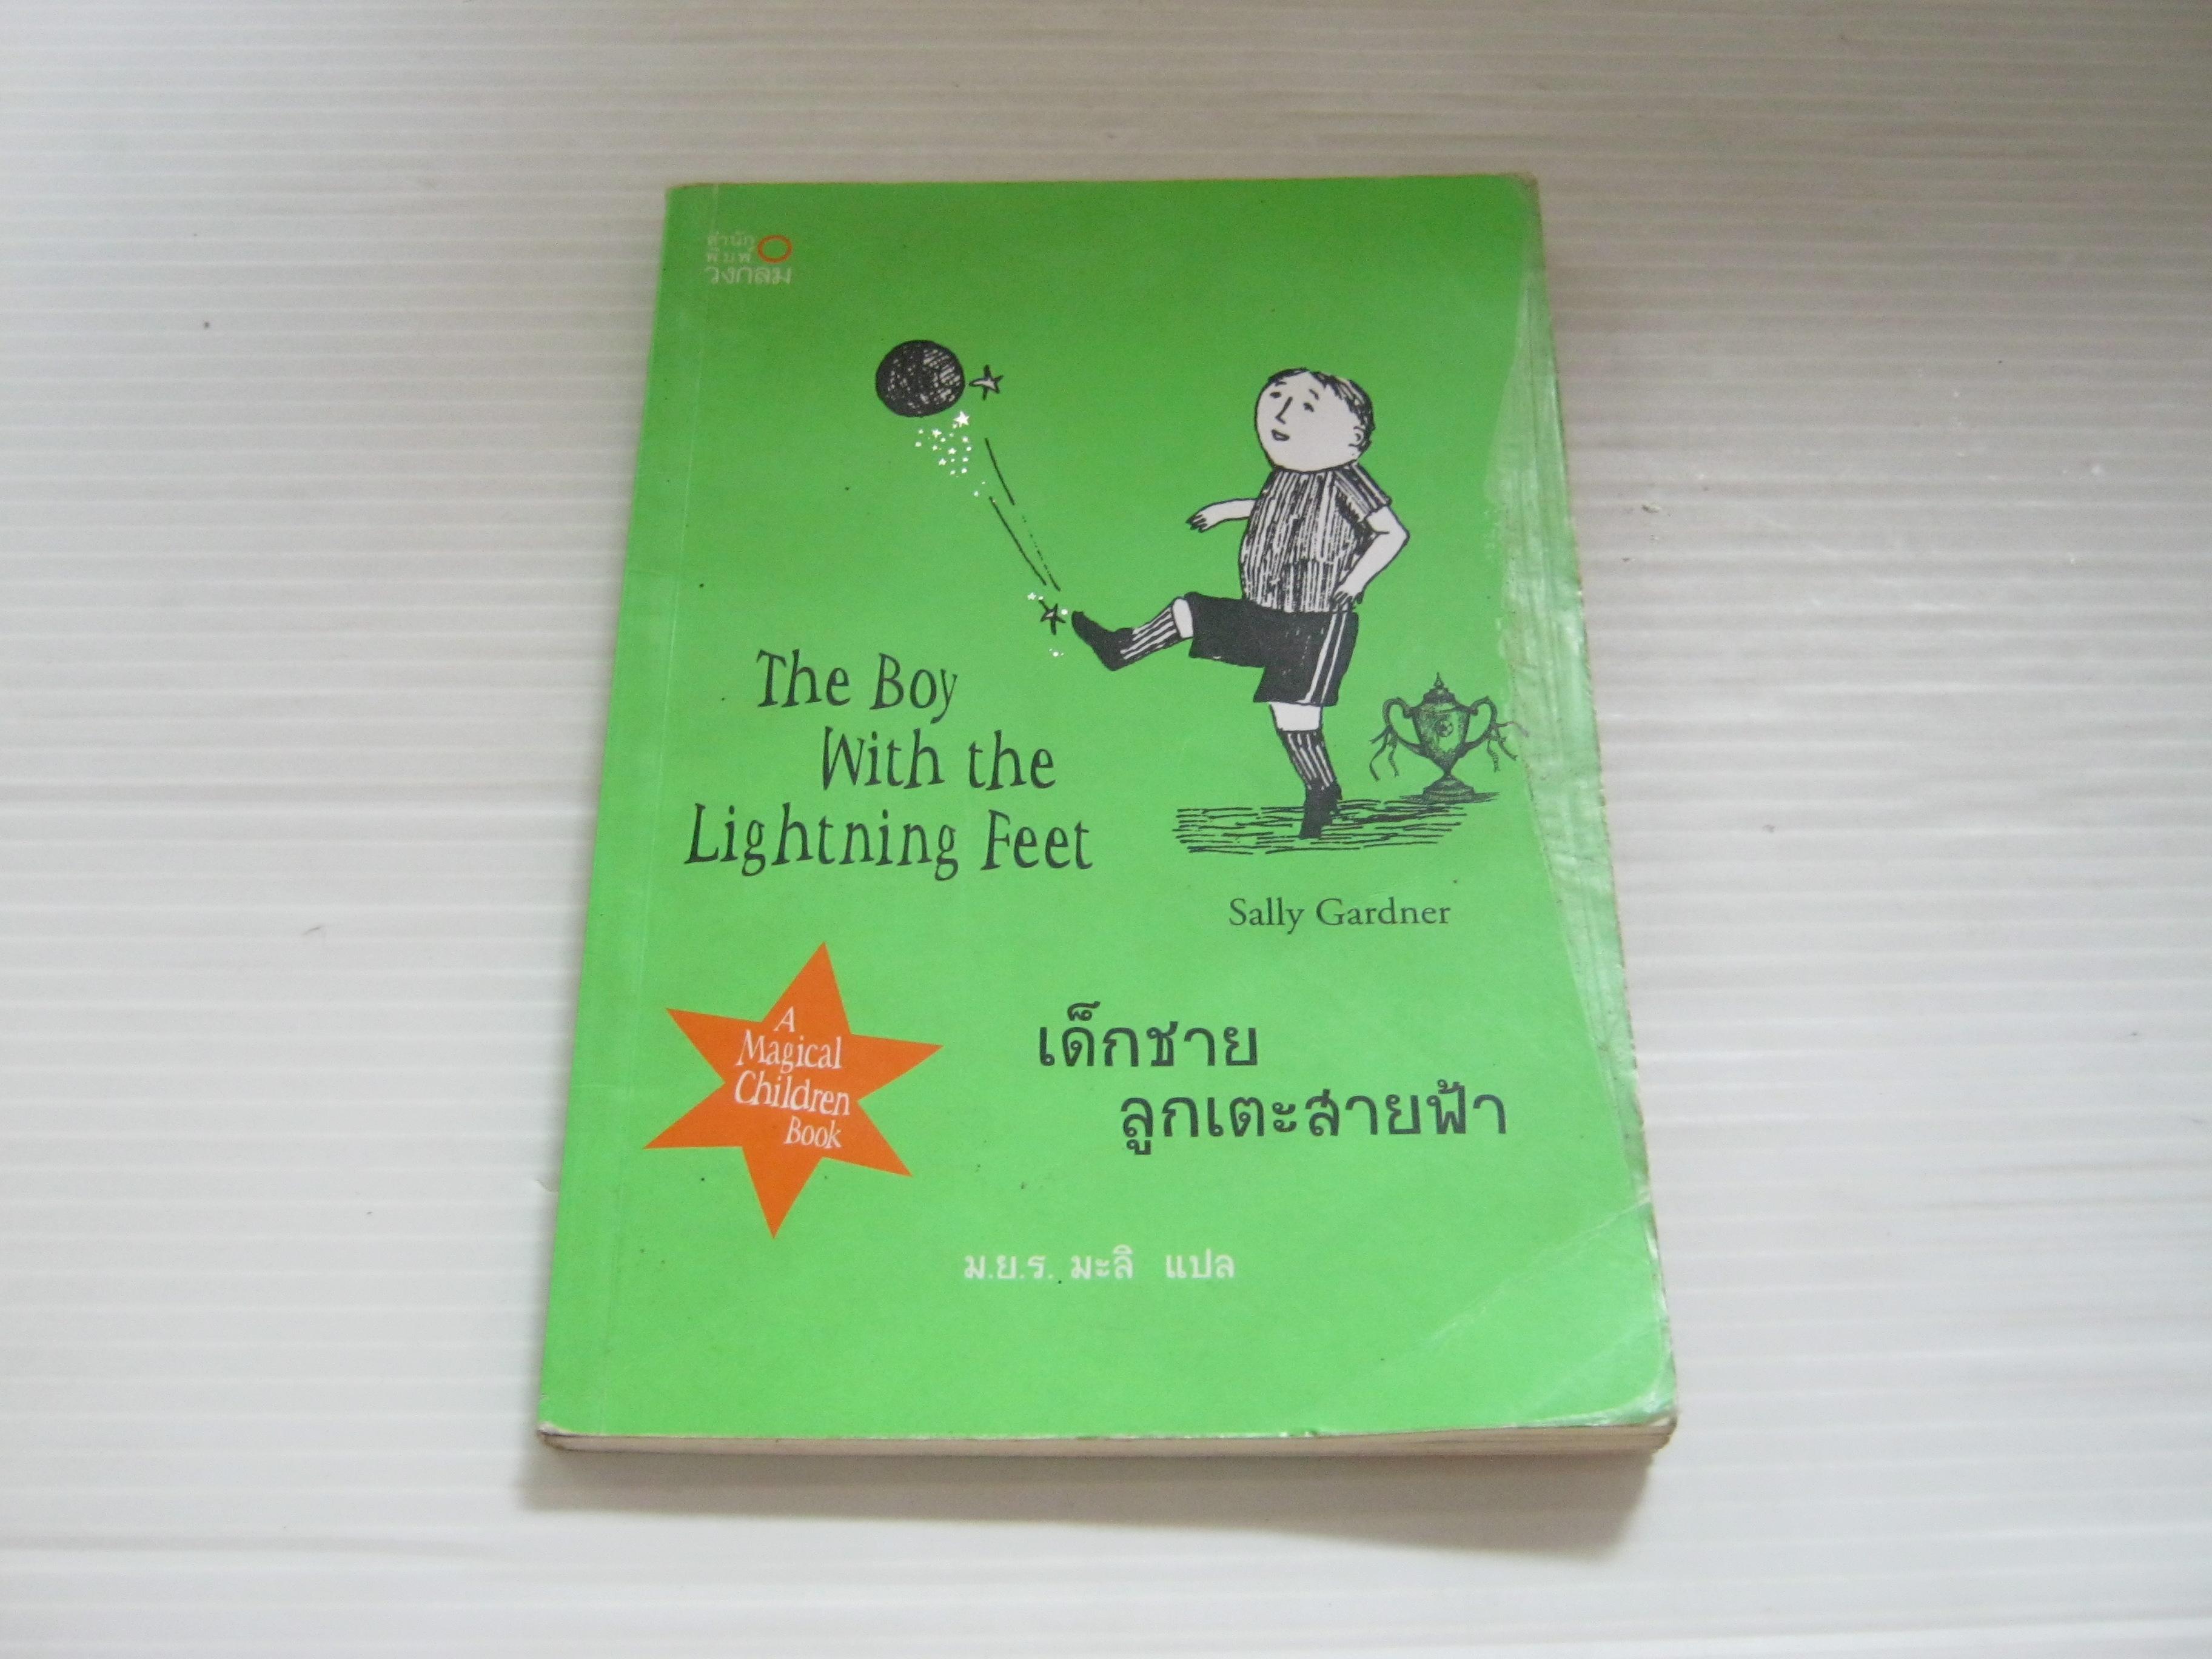 เด็กชายลูกเตะสายฟ้า (The Boy With the Lightning Feet) Sally Gardner เขียน ม.ย.ร. มะลิ แปล